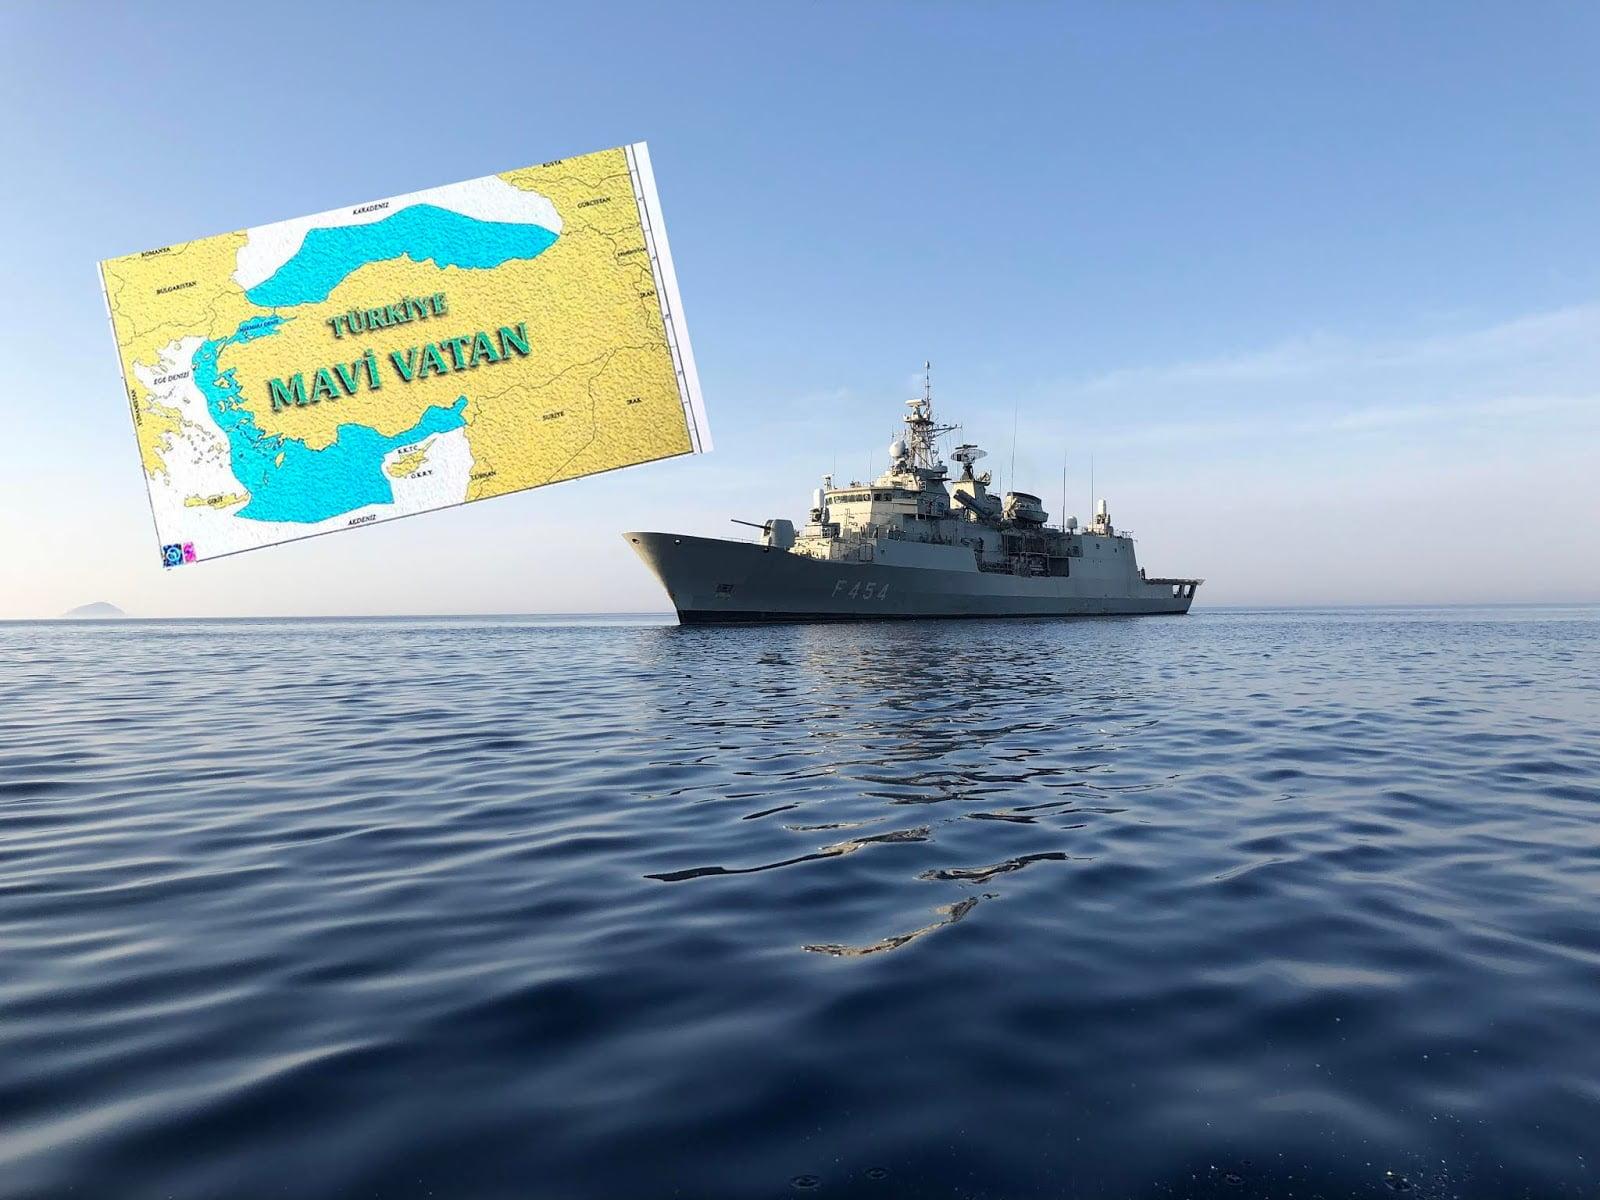 Τα τρία ανοιχτά «μέτωπα»: Οι προκλήσεις της Άγκυρας στις ελληνικές θάλασσες – Η μυστική επιχείρηση για τη συμφωνία Τουρκίας – Λιβύης